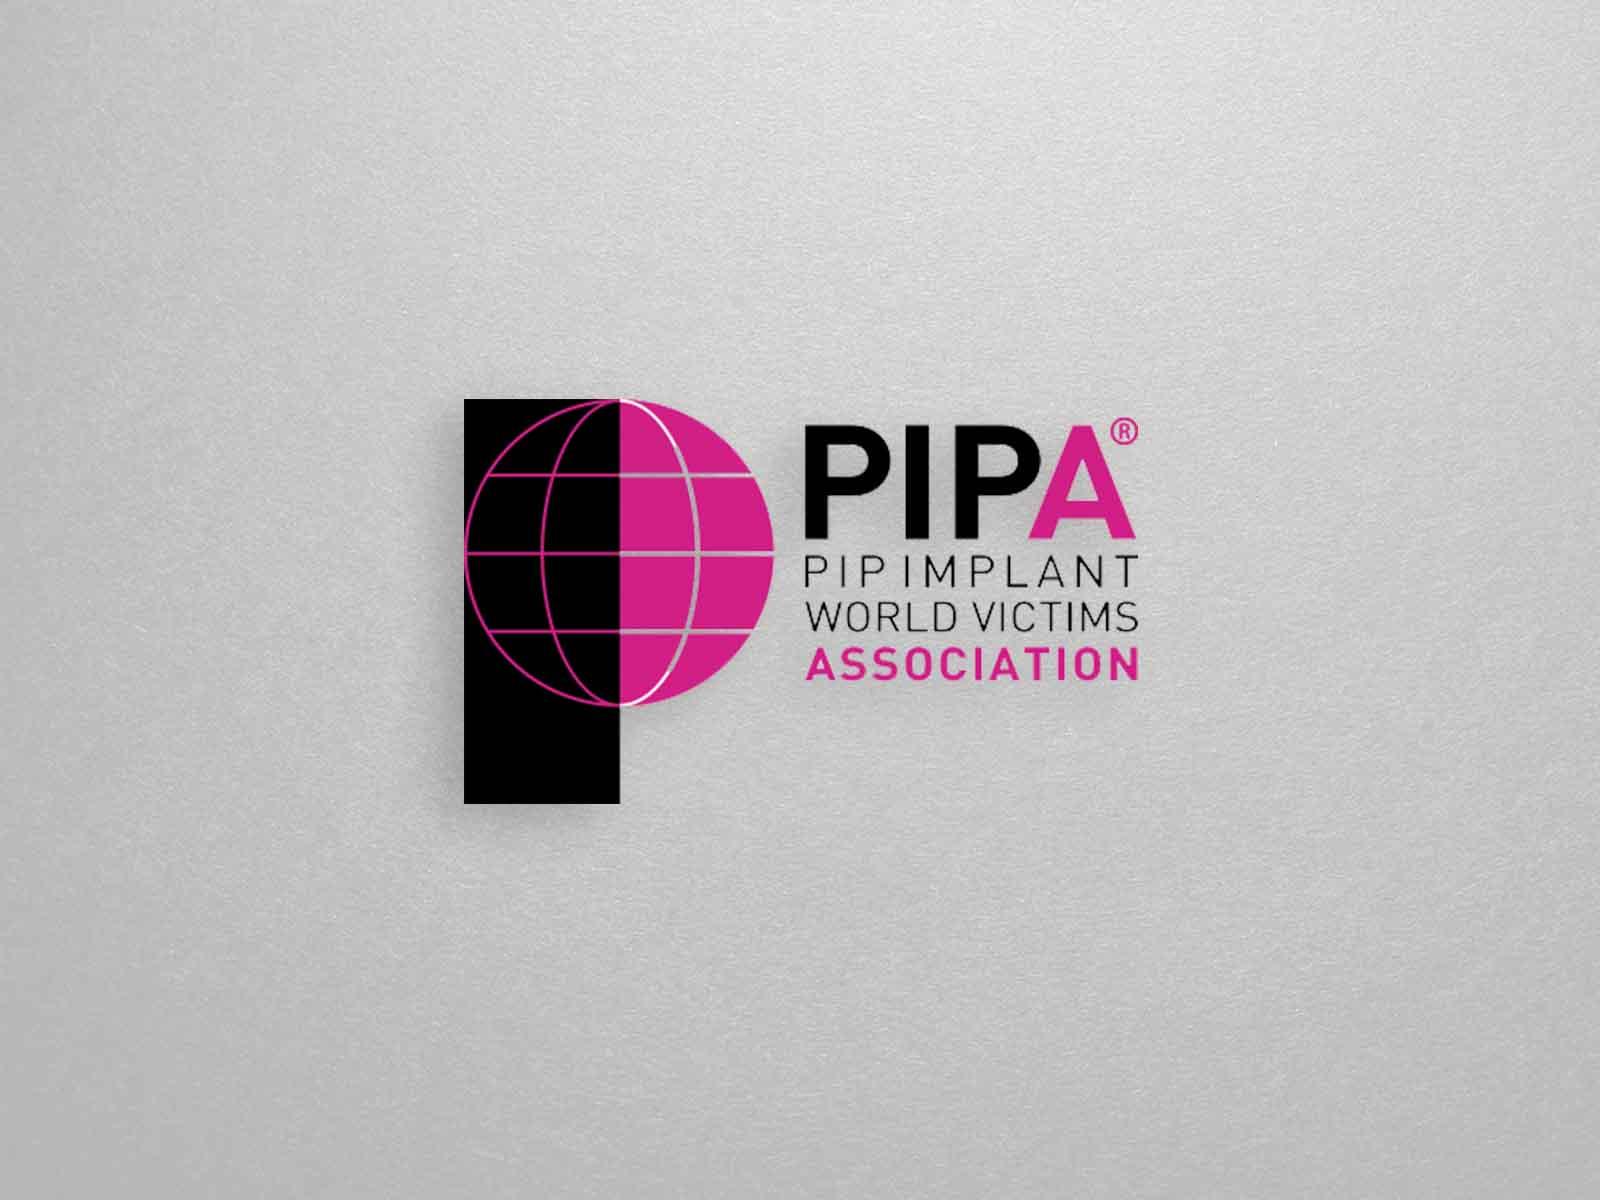 PIPA-logo